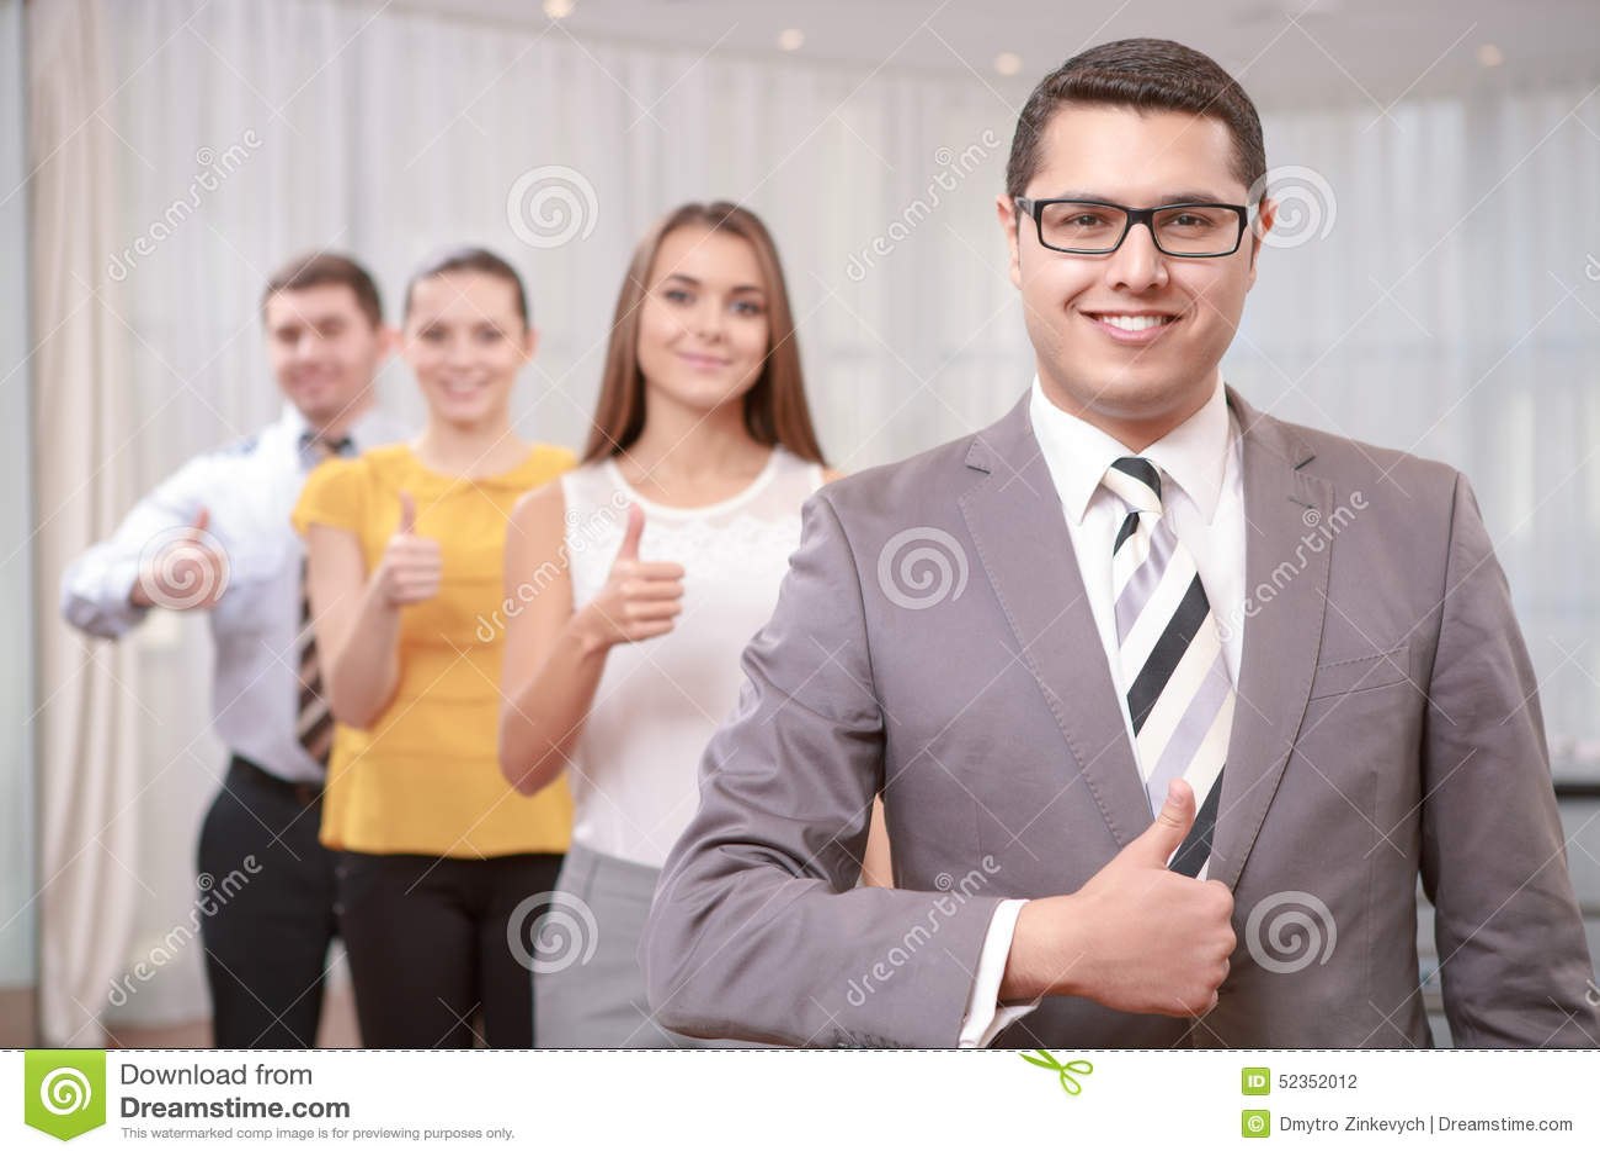 Менеджер высшего звена на встрече